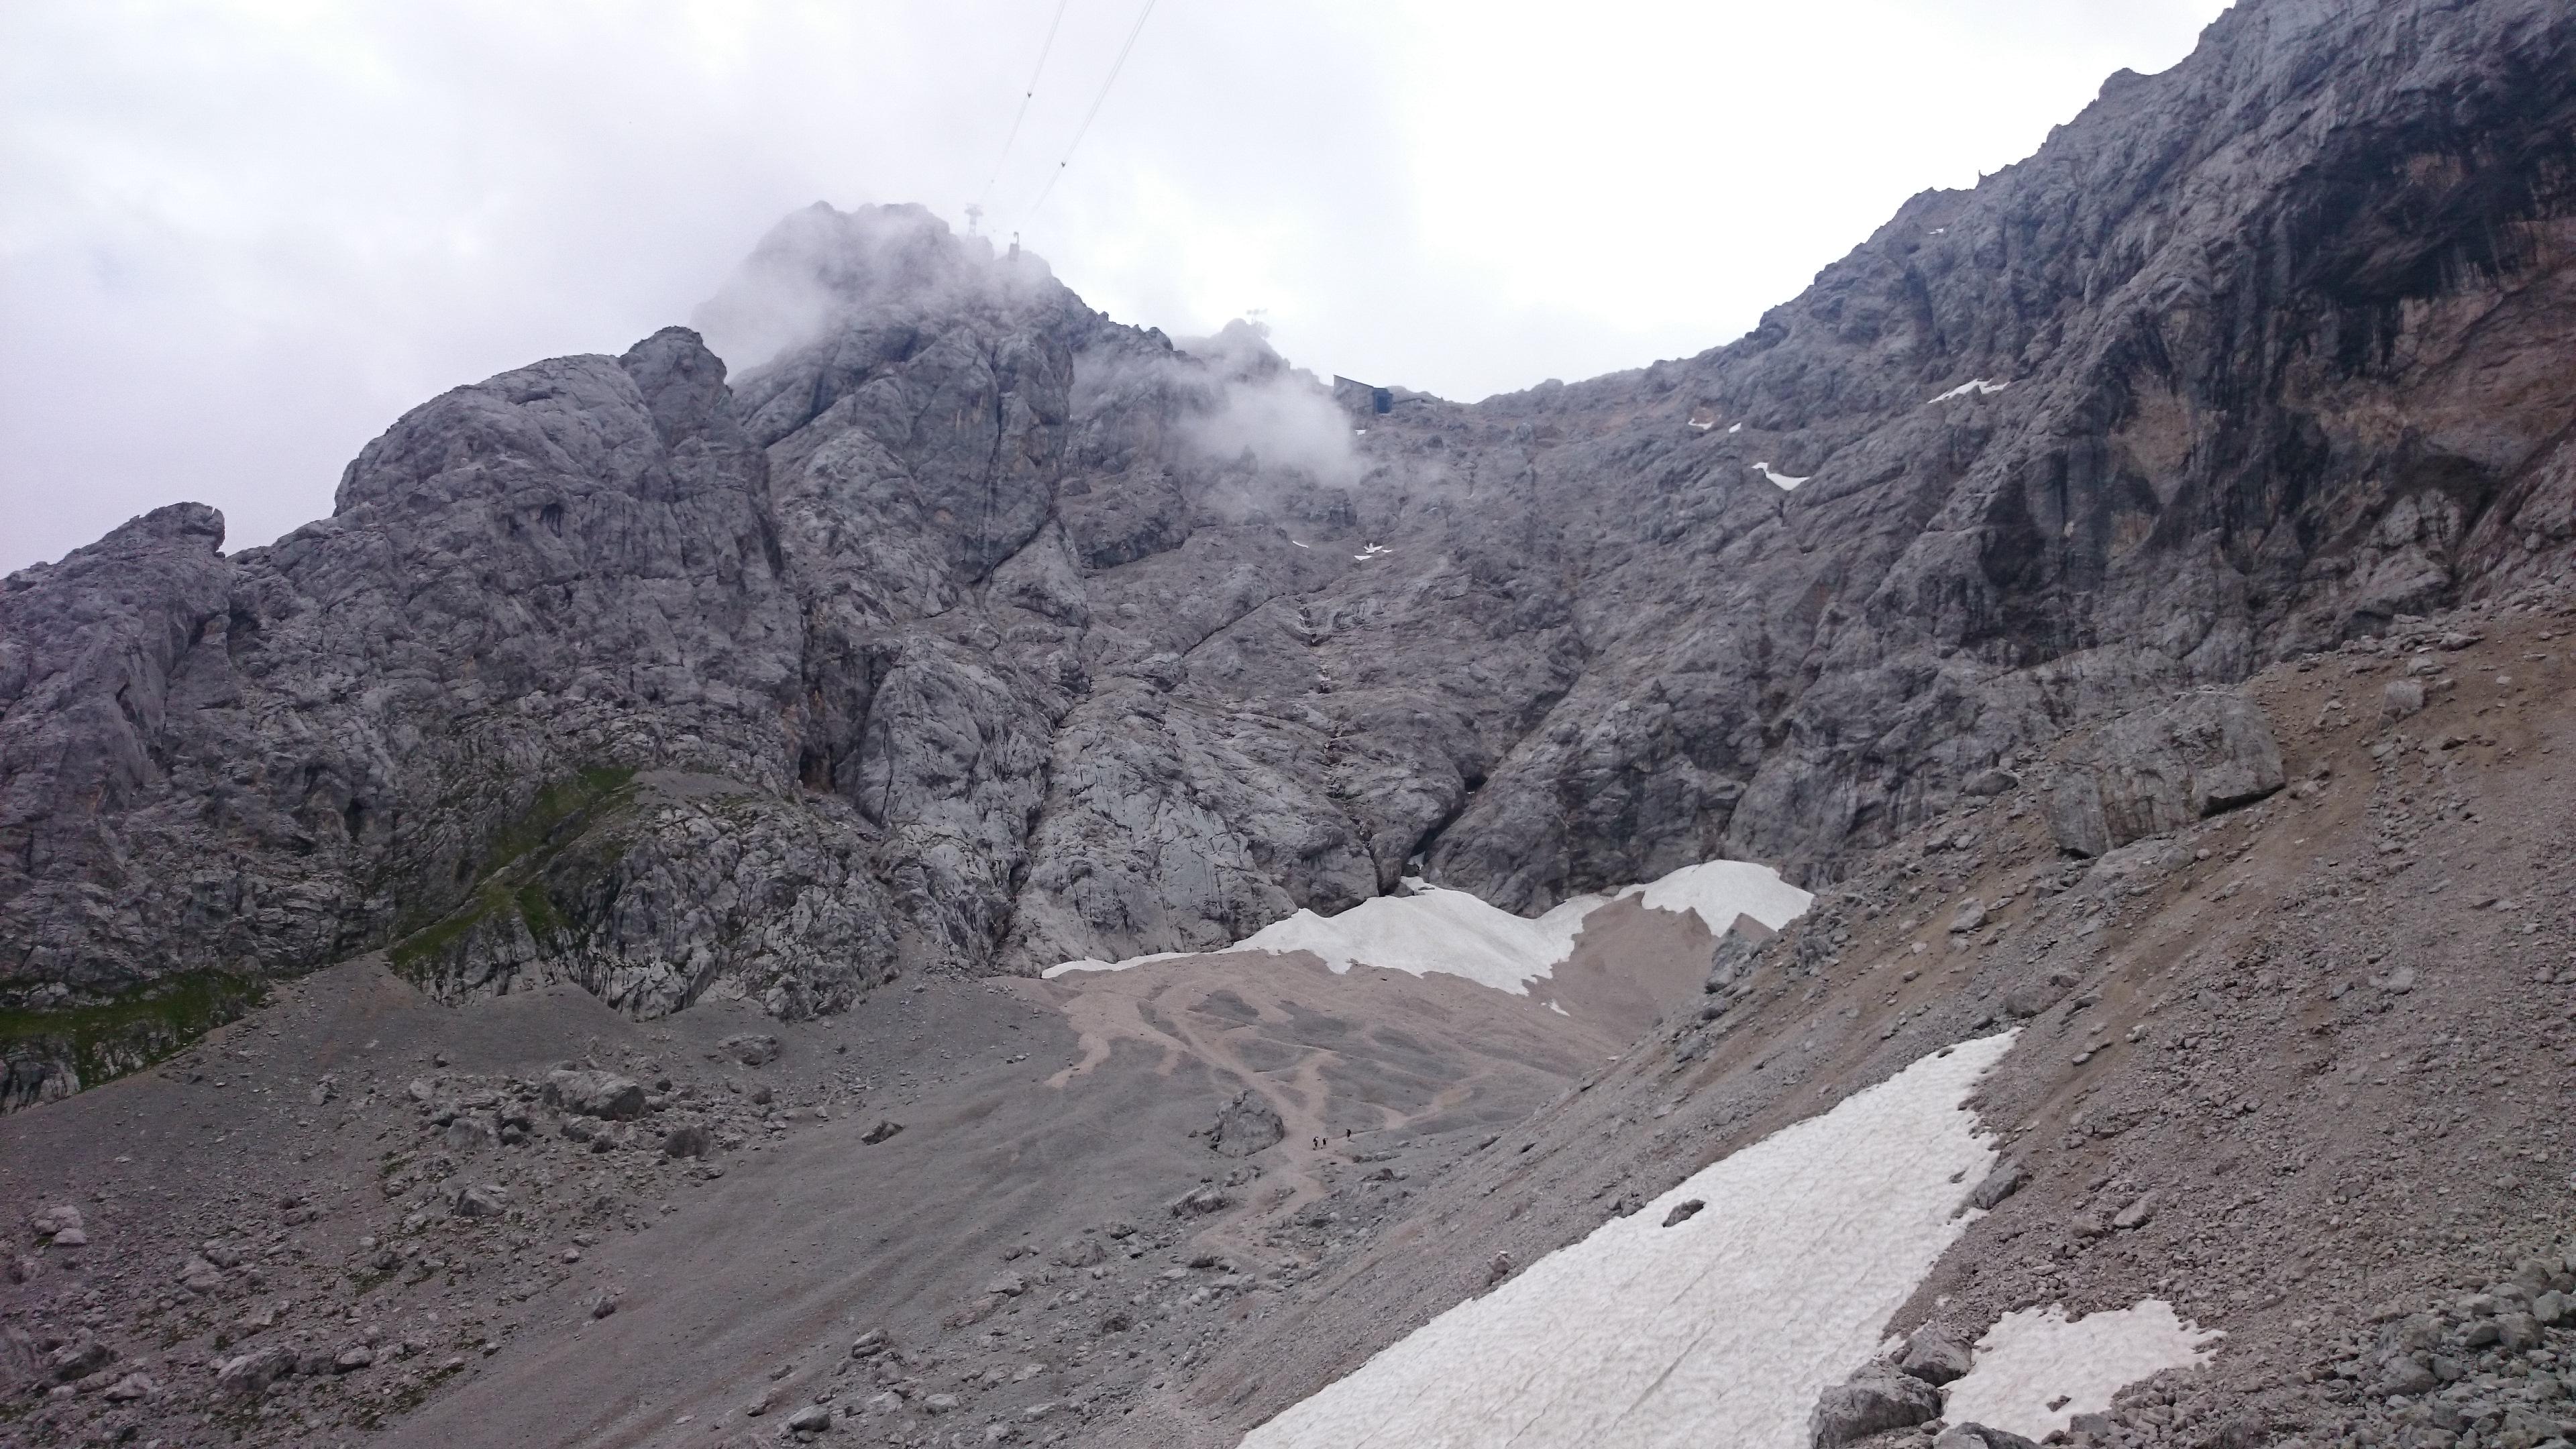 Klettersteig Zugspitze Stopselzieher : Stopselzieher steig auf die zugspitze klettersteig evei